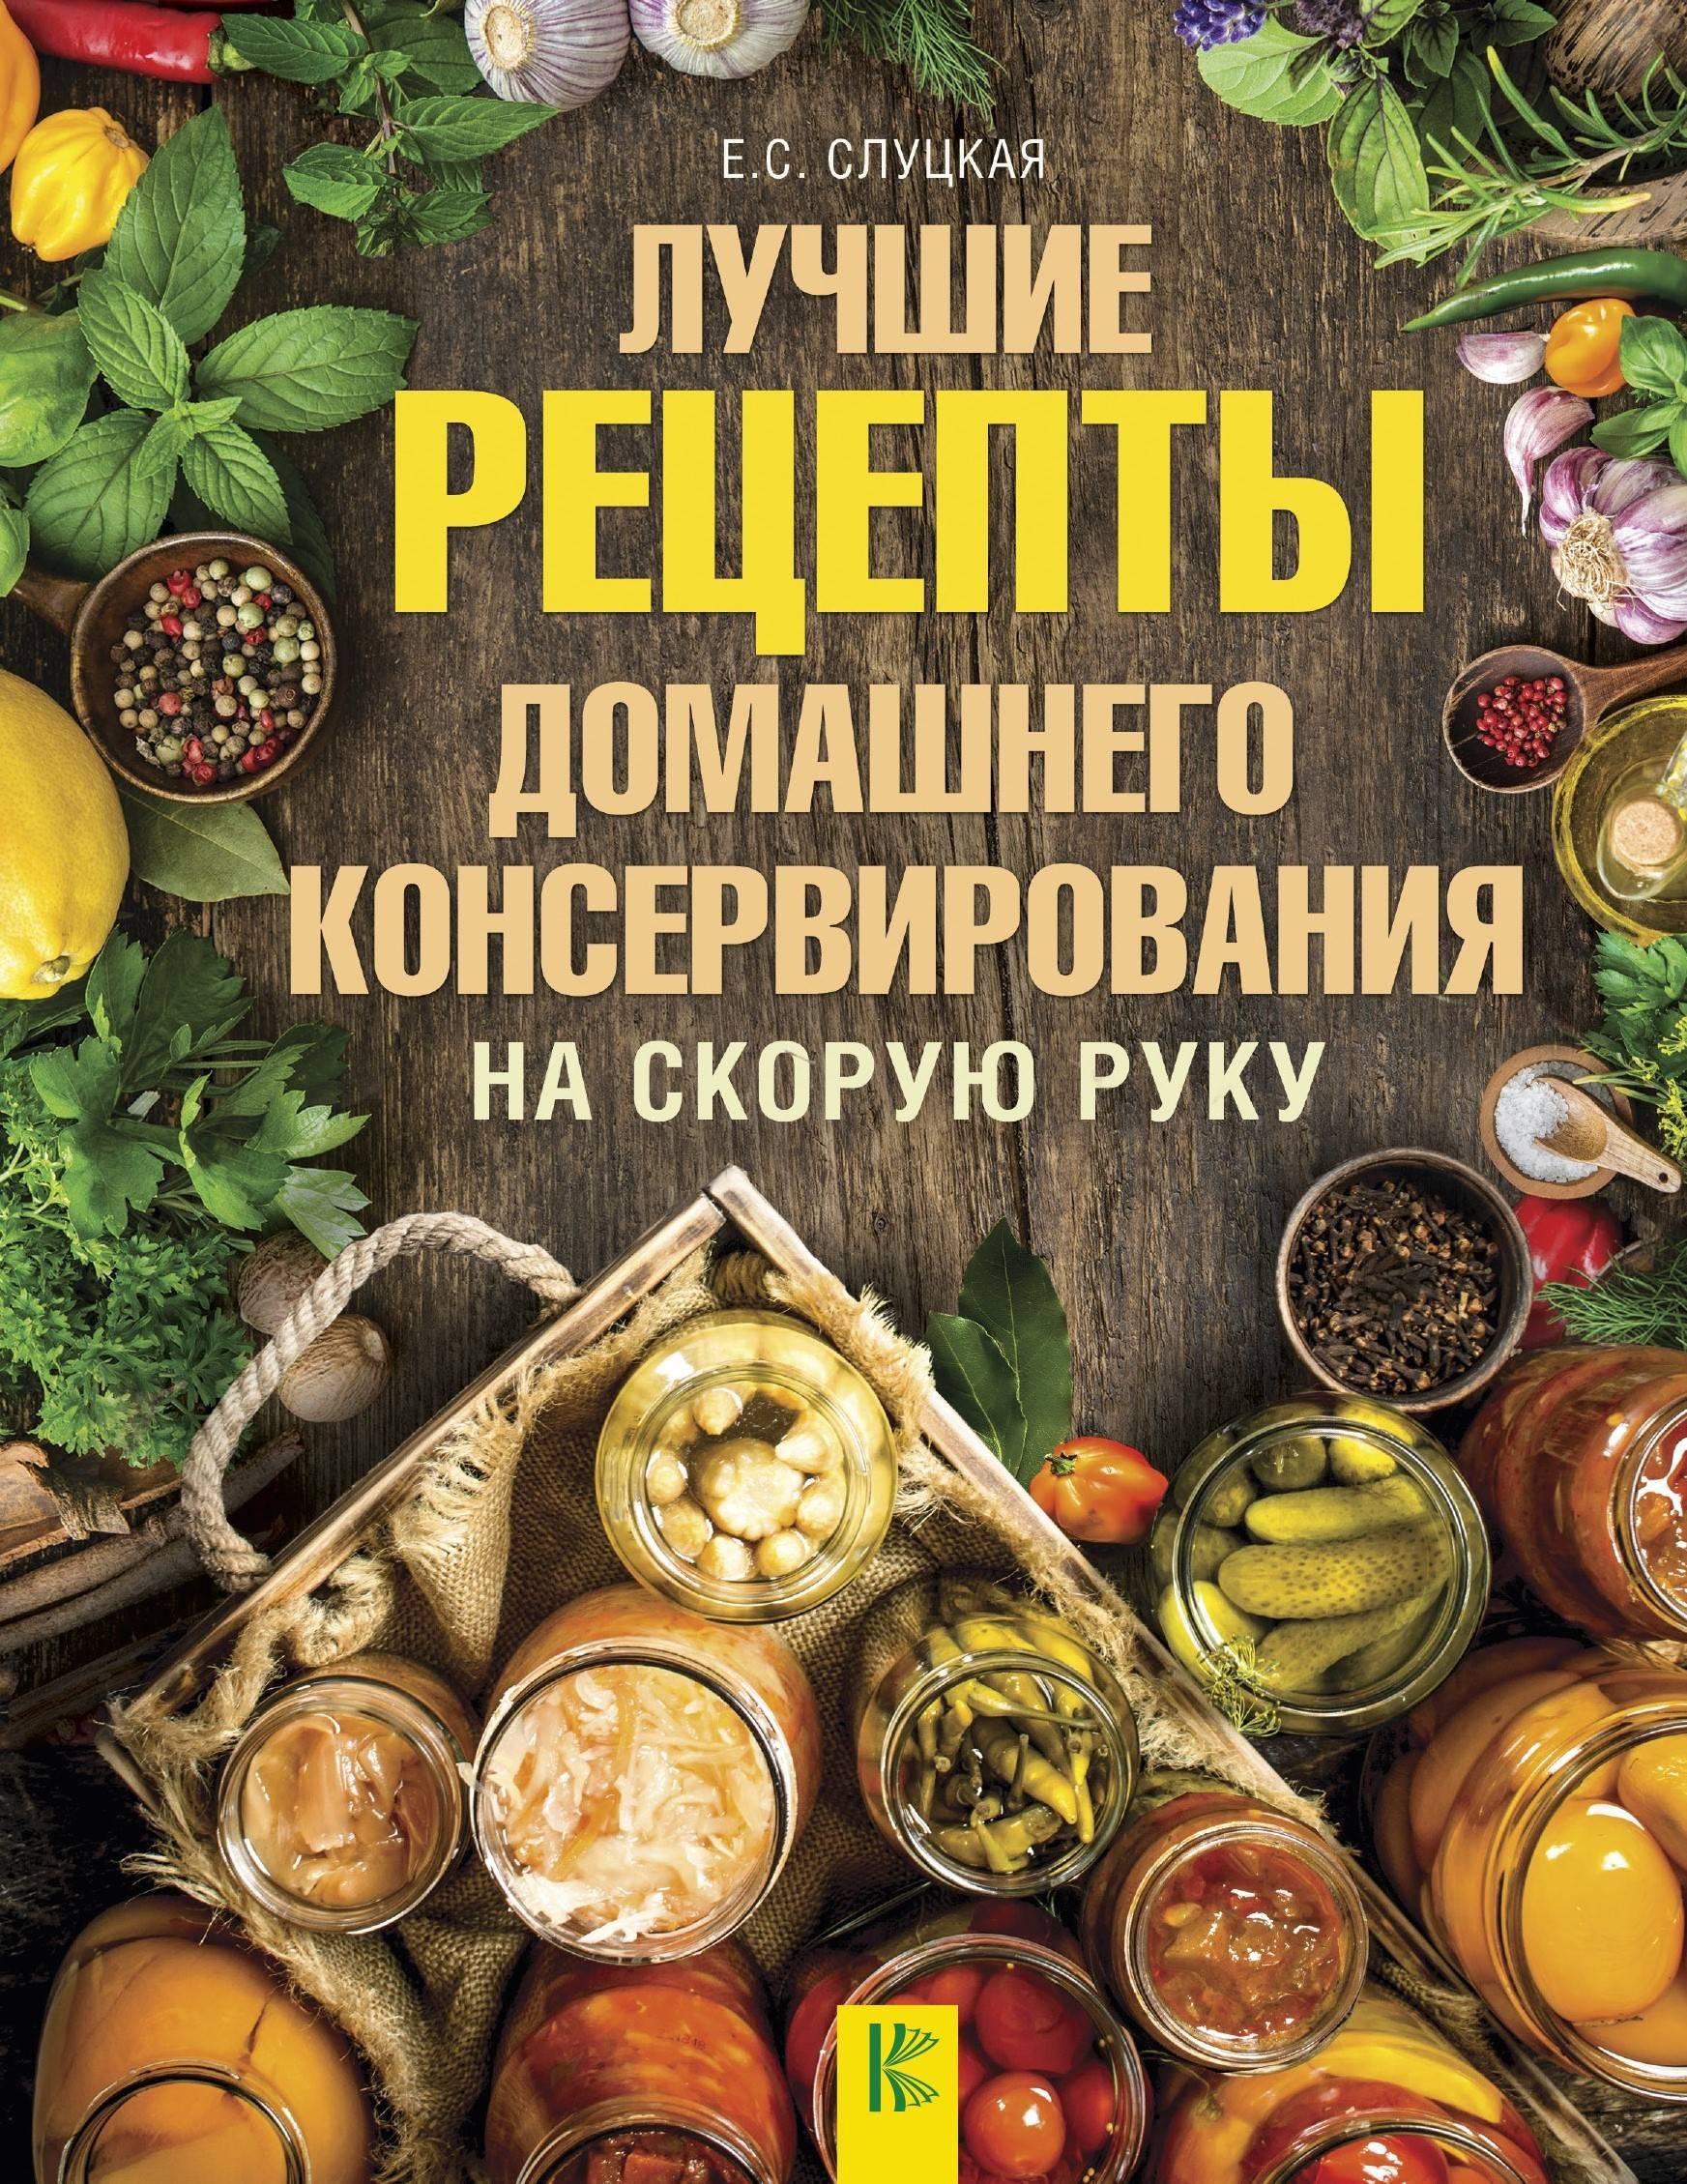 Е. С. Слуцкая Лучшие рецепты домашнего консервирования на скорую руку